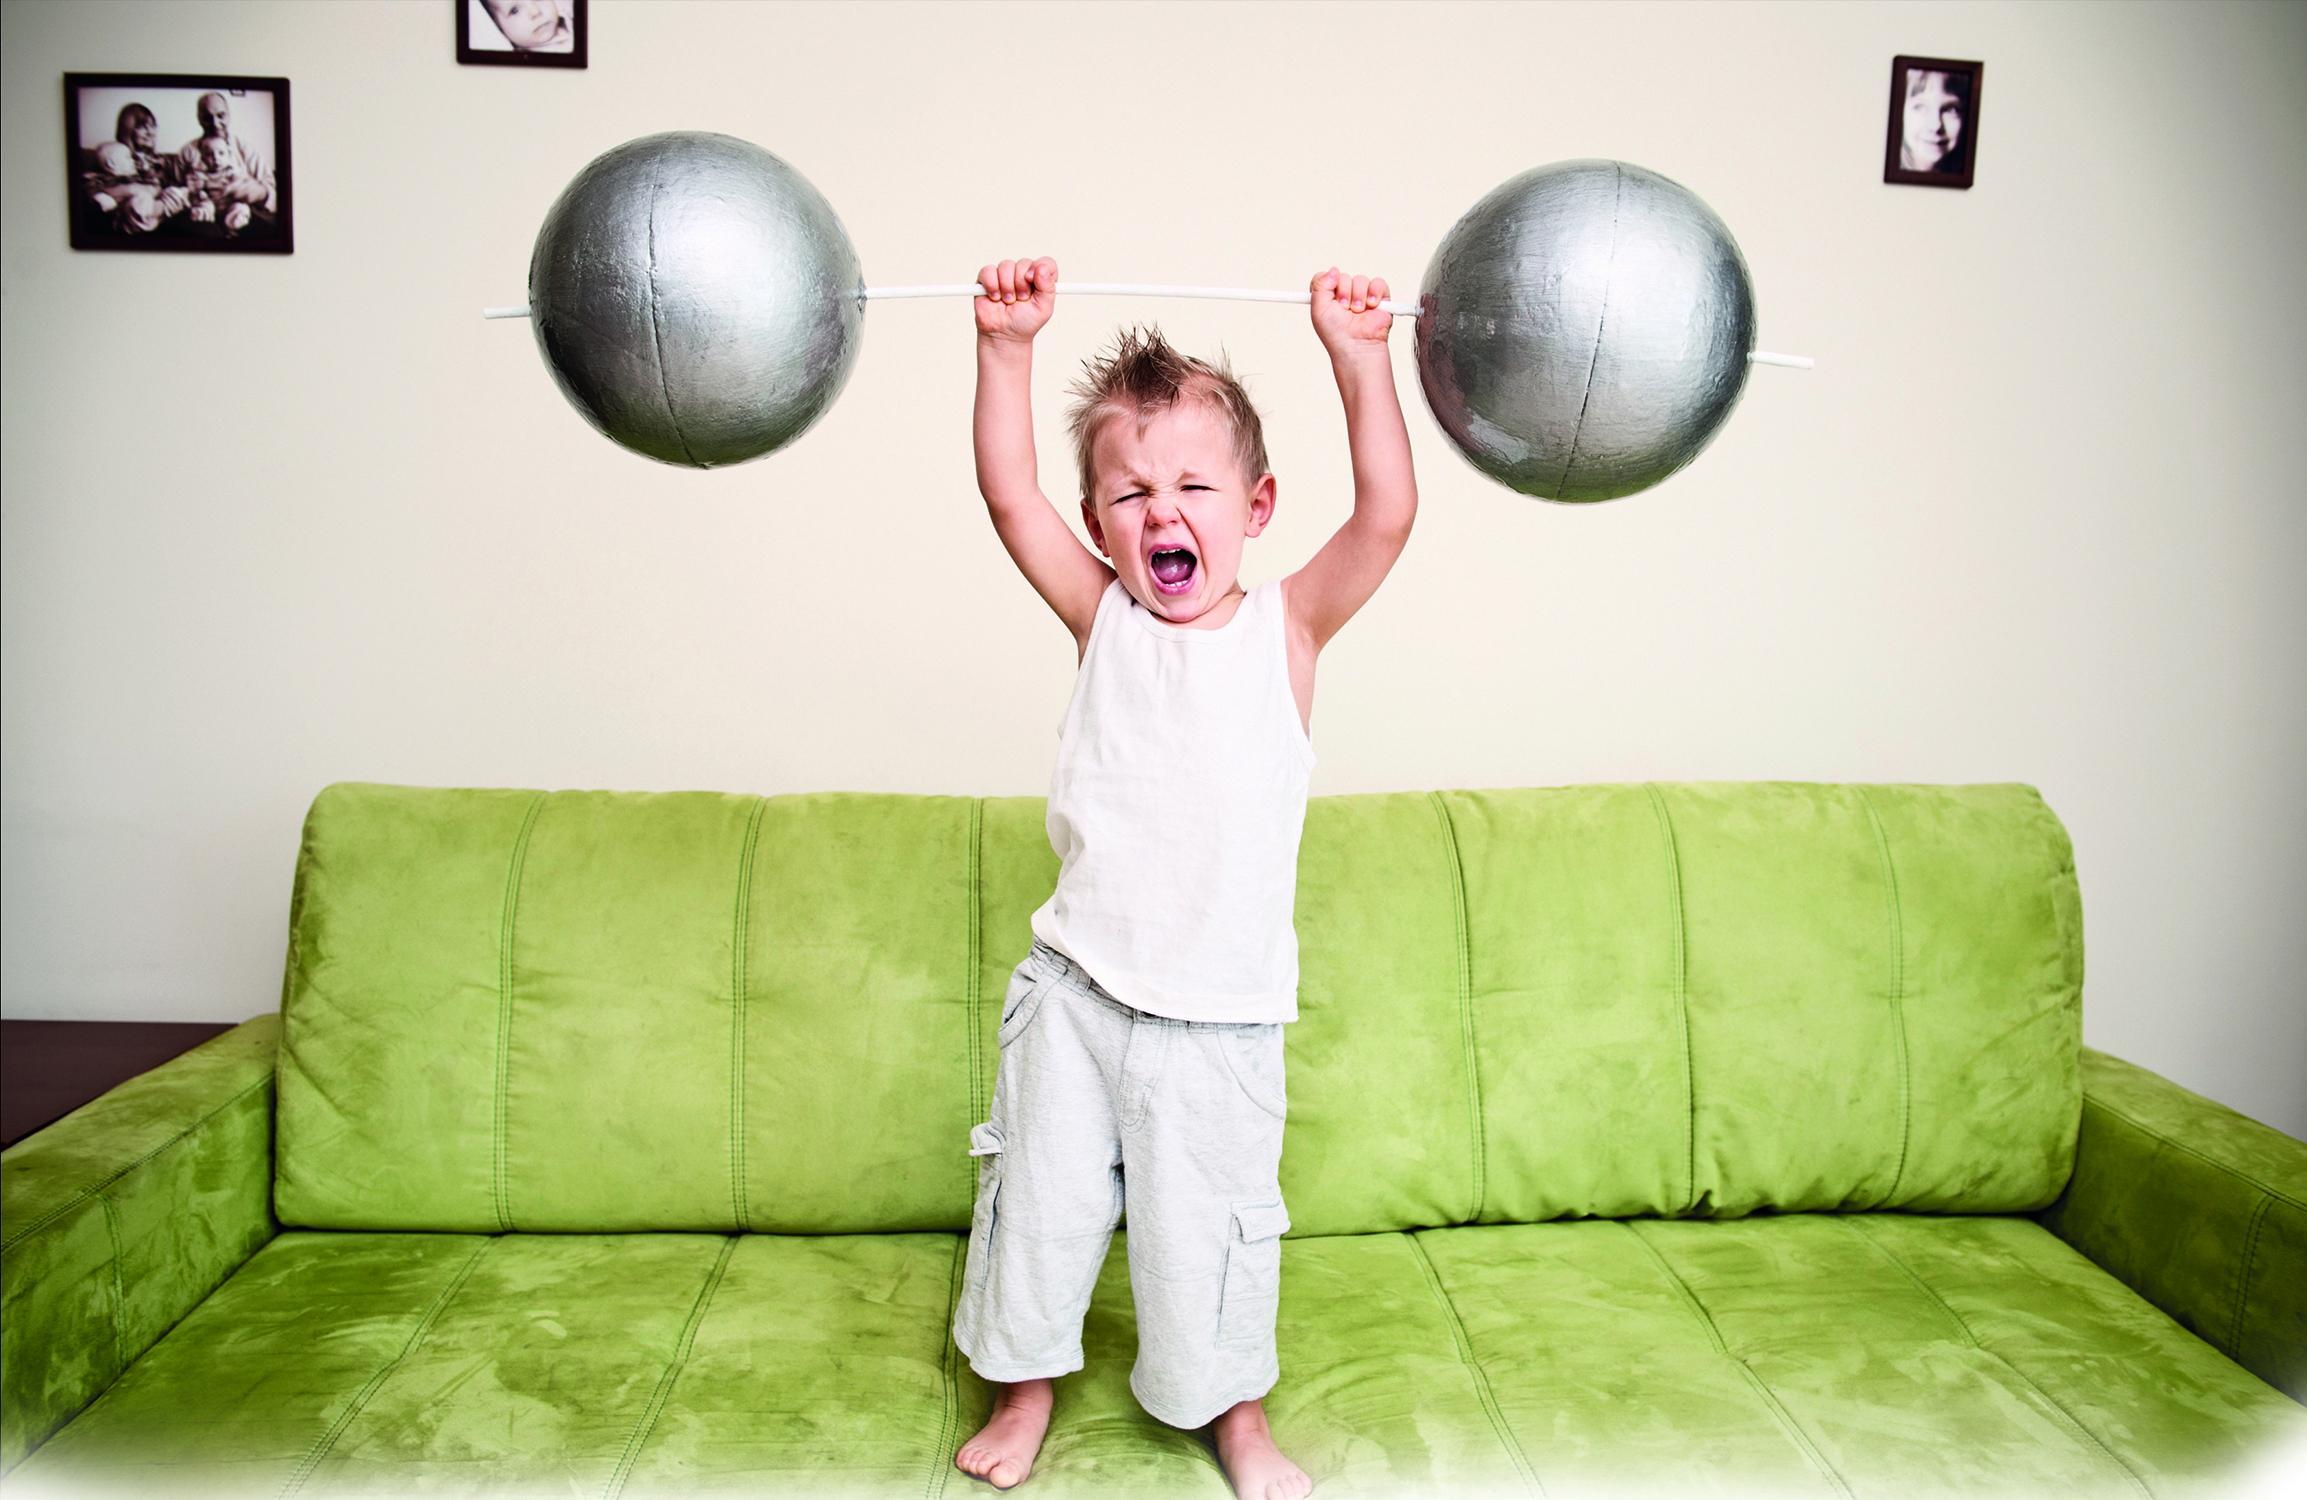 Abgebildet ist ein kleiner Junge auf einem Sofa. Er hält eine Stange mit Gewichten in den Händen.